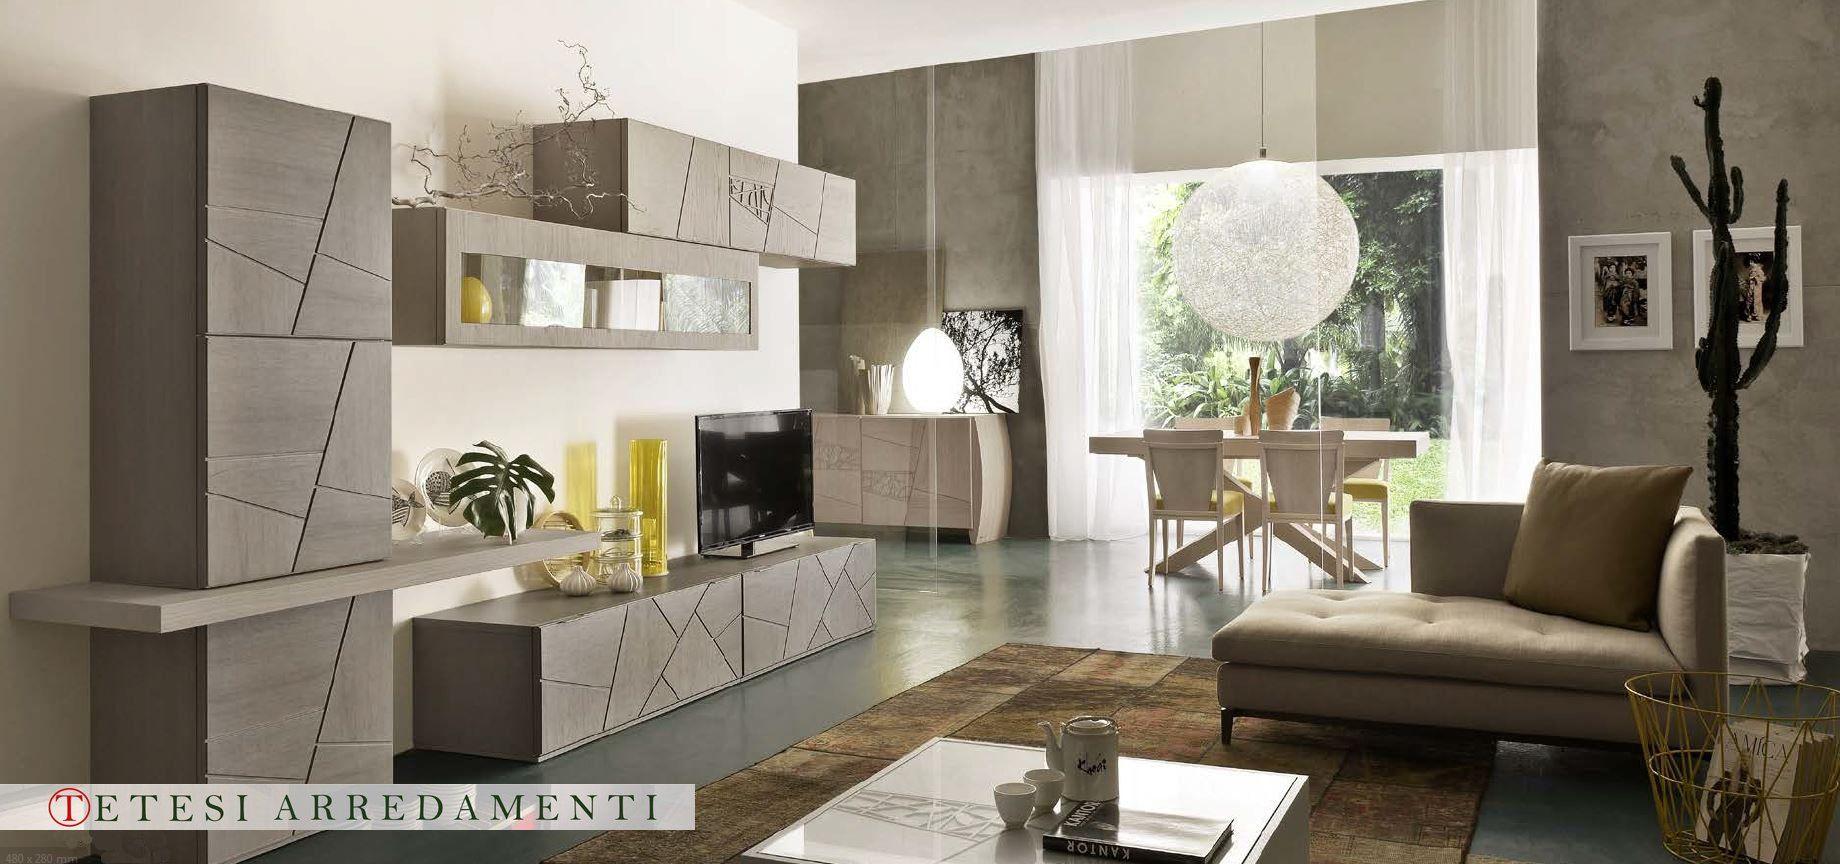 Un appartamento moderno con un giusto mix di materiali di